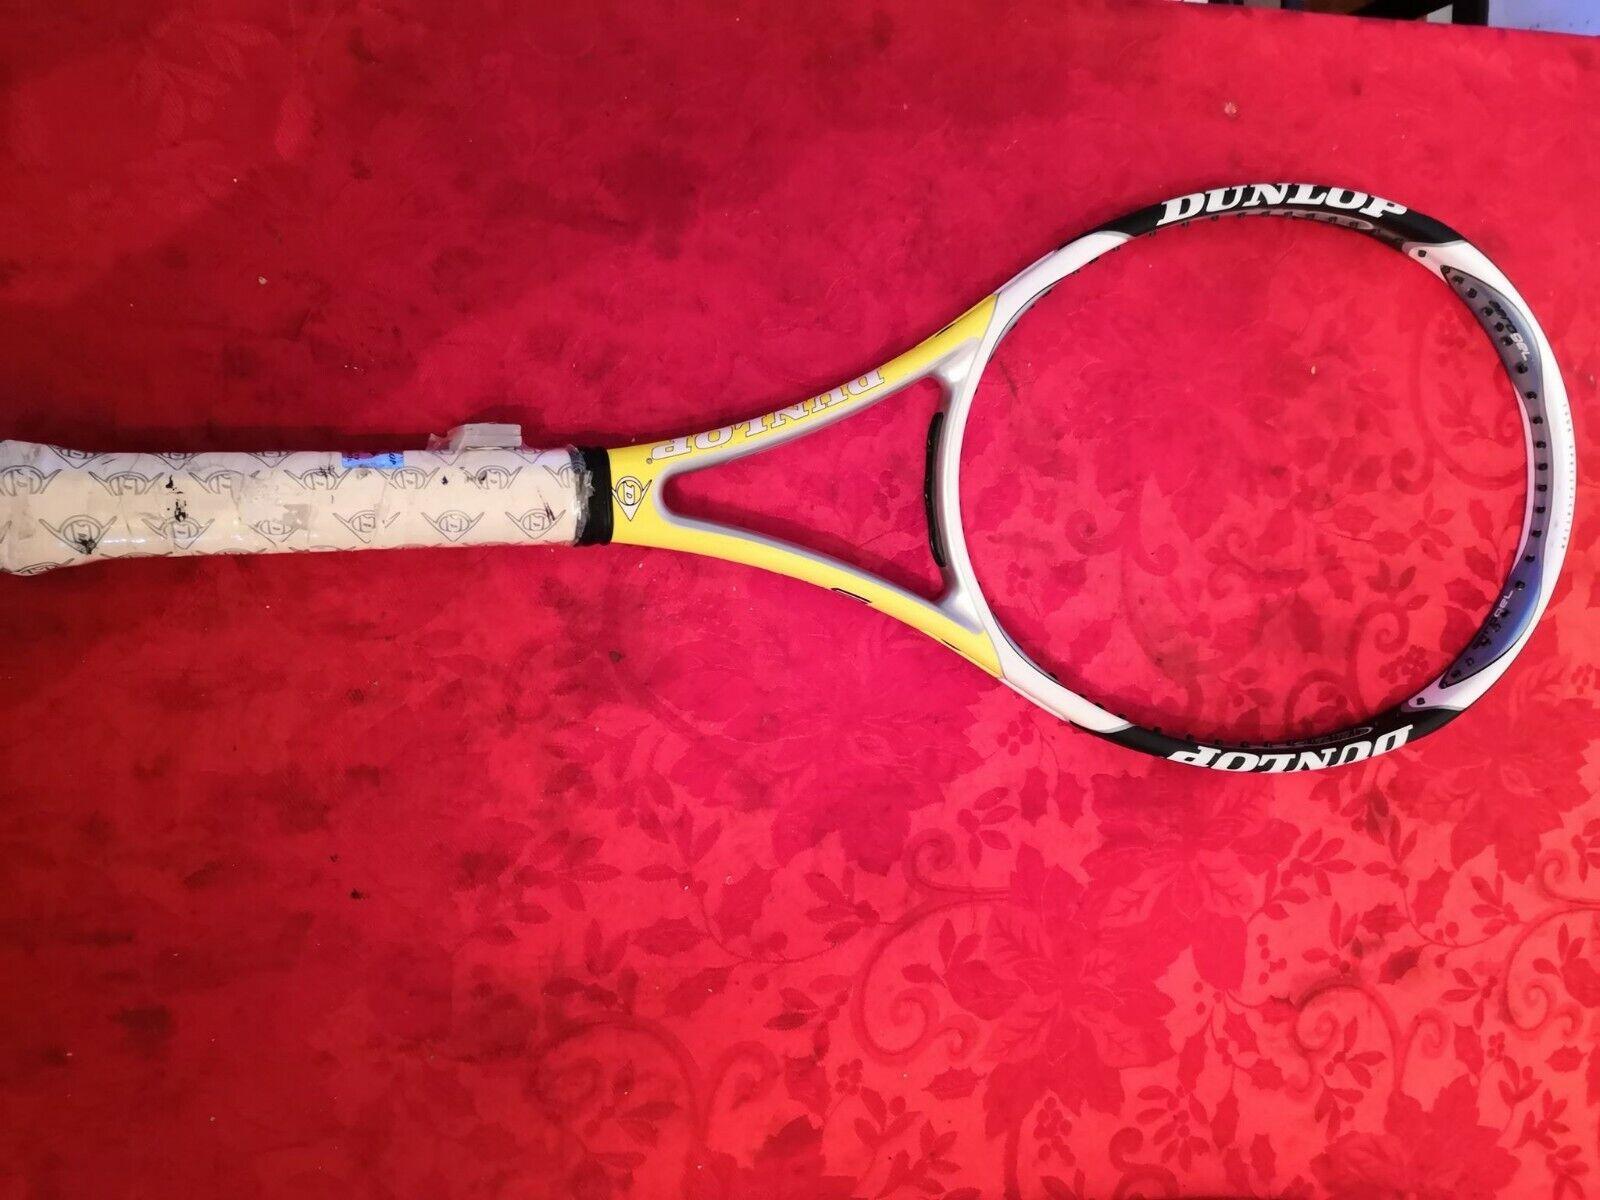 Nuevo Dunlop Aerogel 500 100 cabeza 16x18 patrón 4 1 4 Grip Tenis Raqueta